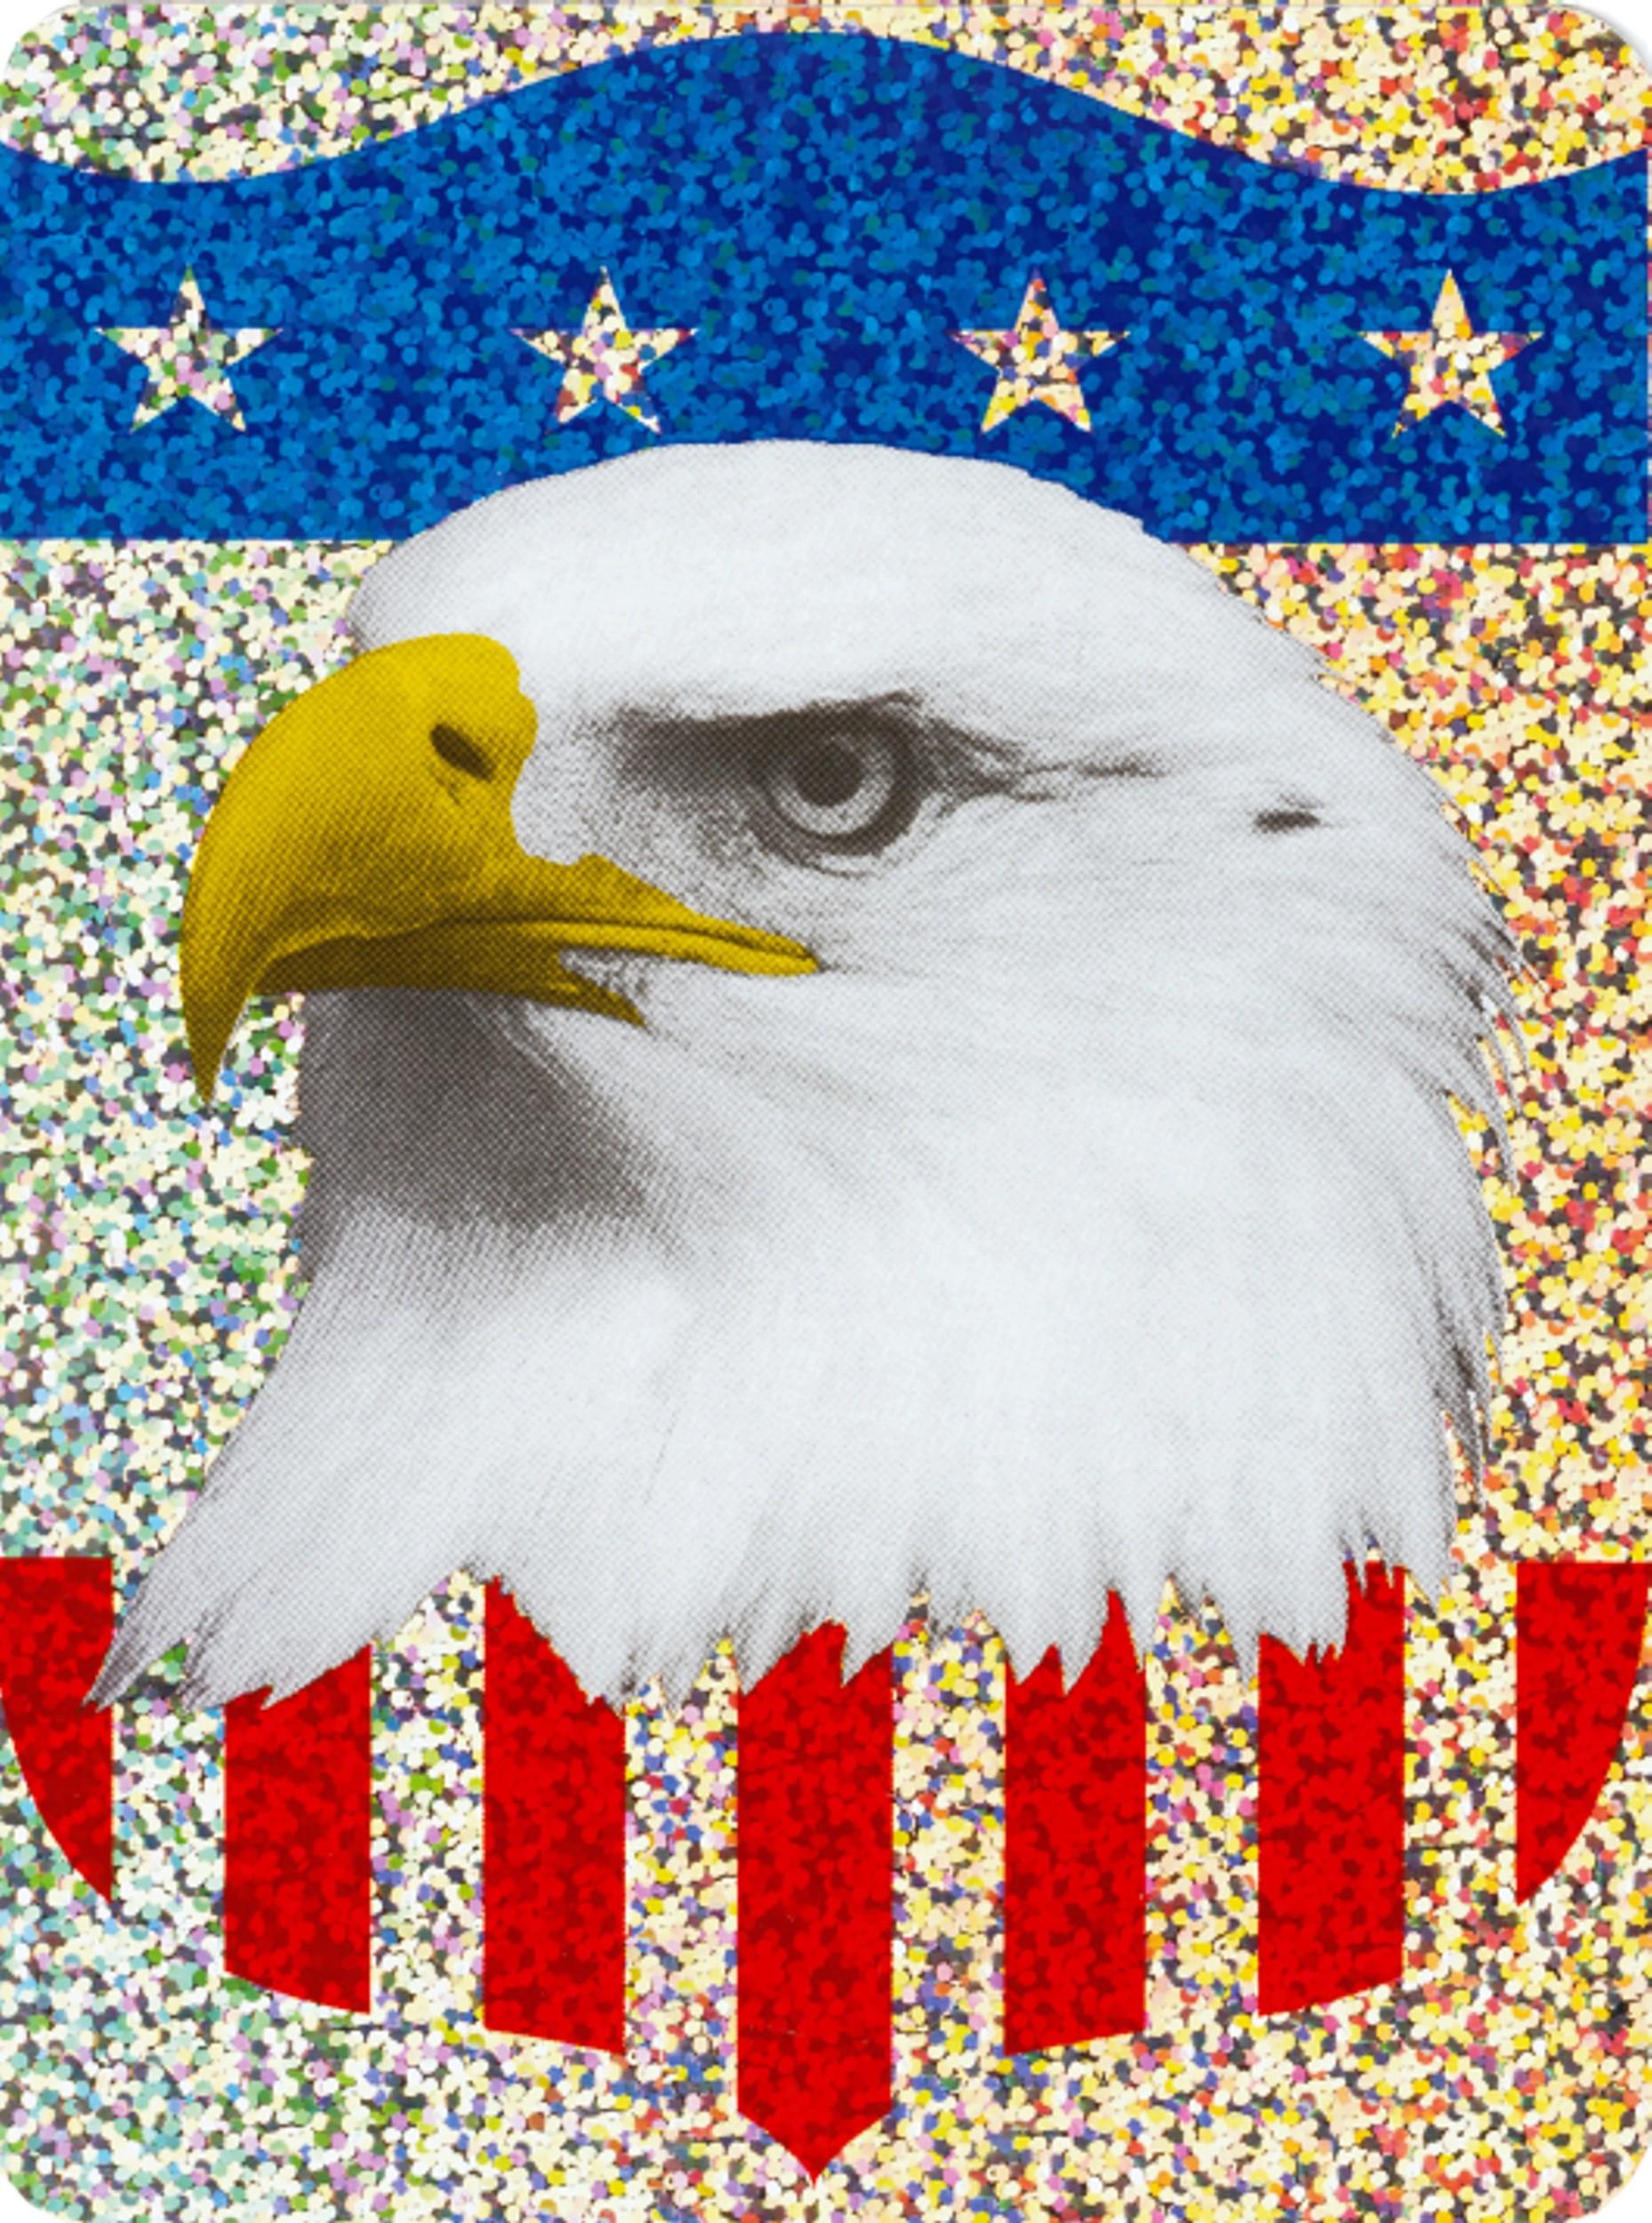 Aufkleber US-Flagge/Adler Holografie 150 x 110 mm – Bild 1